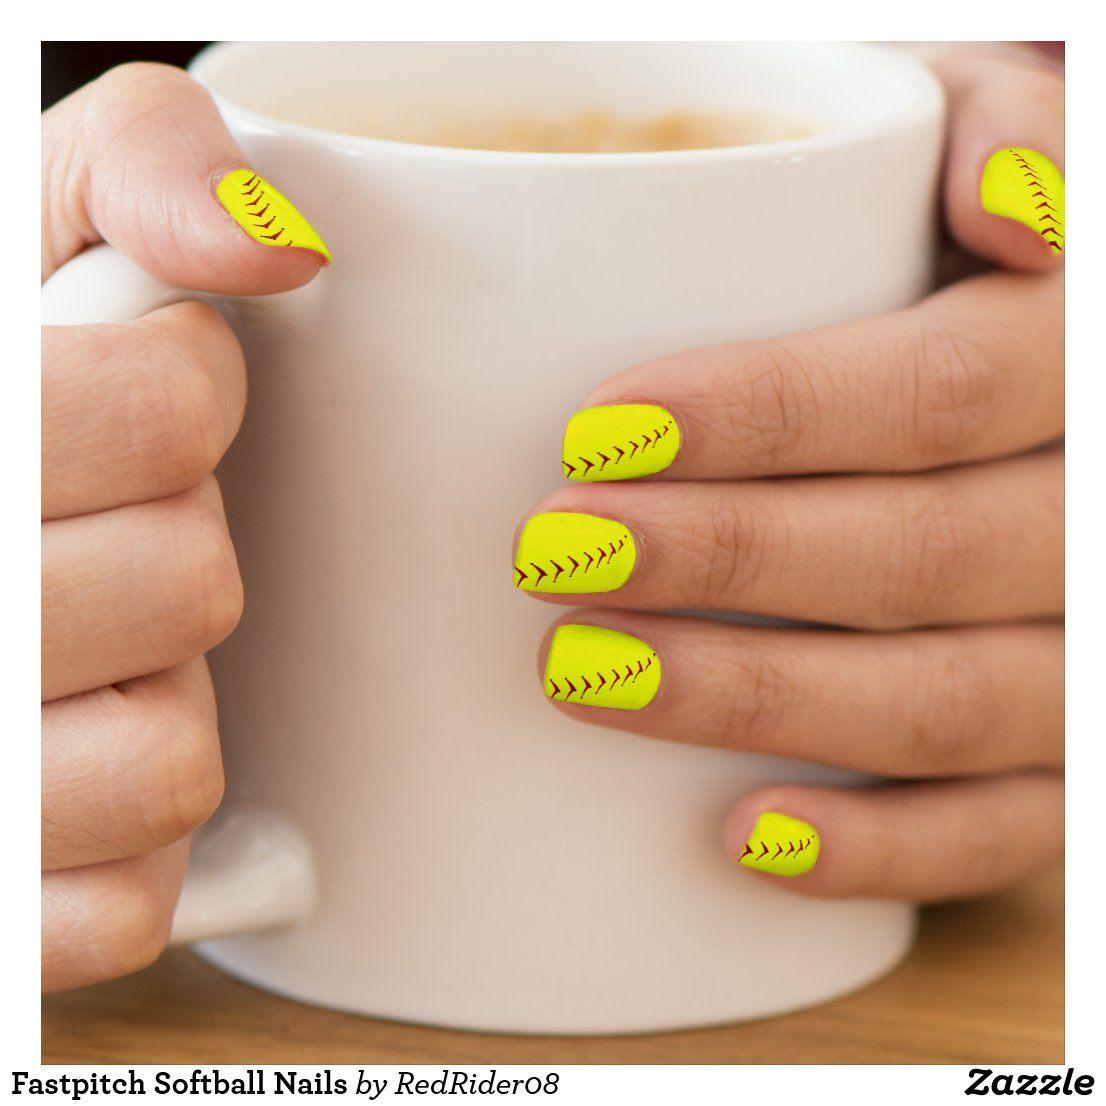 Fastpitch Softball Nails Minx Nail Wraps | Zazzle.com